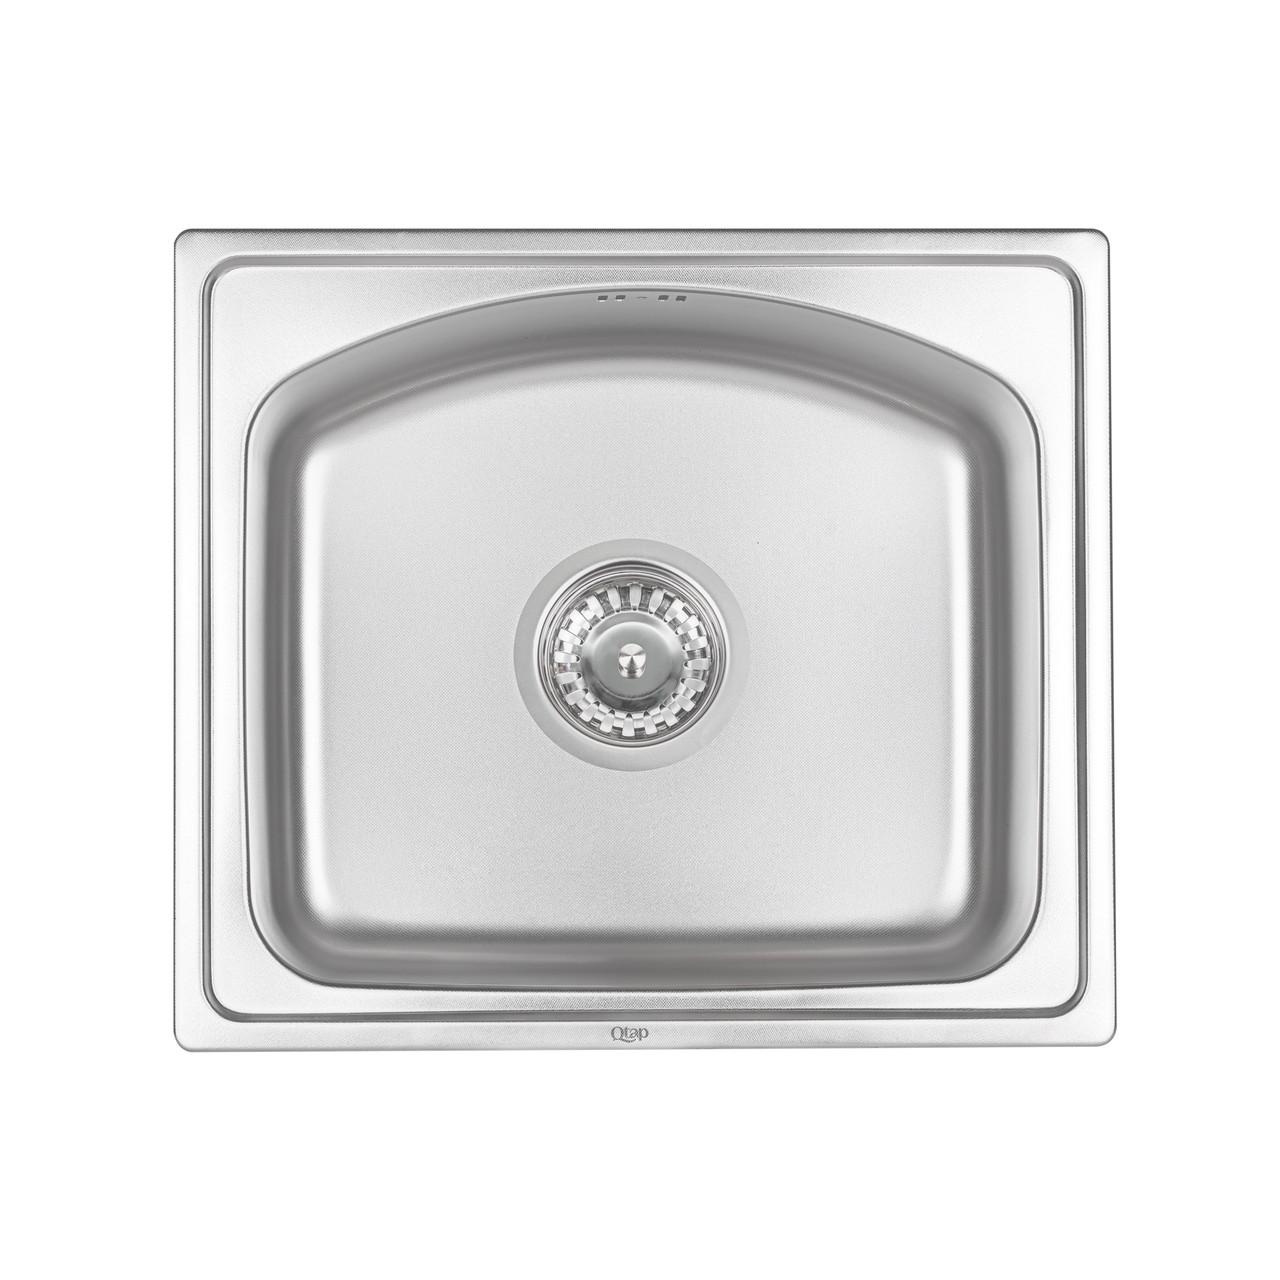 Кухонна мийка Qtap 4842 0,8 мм dekor (QT4842MICDEC08)